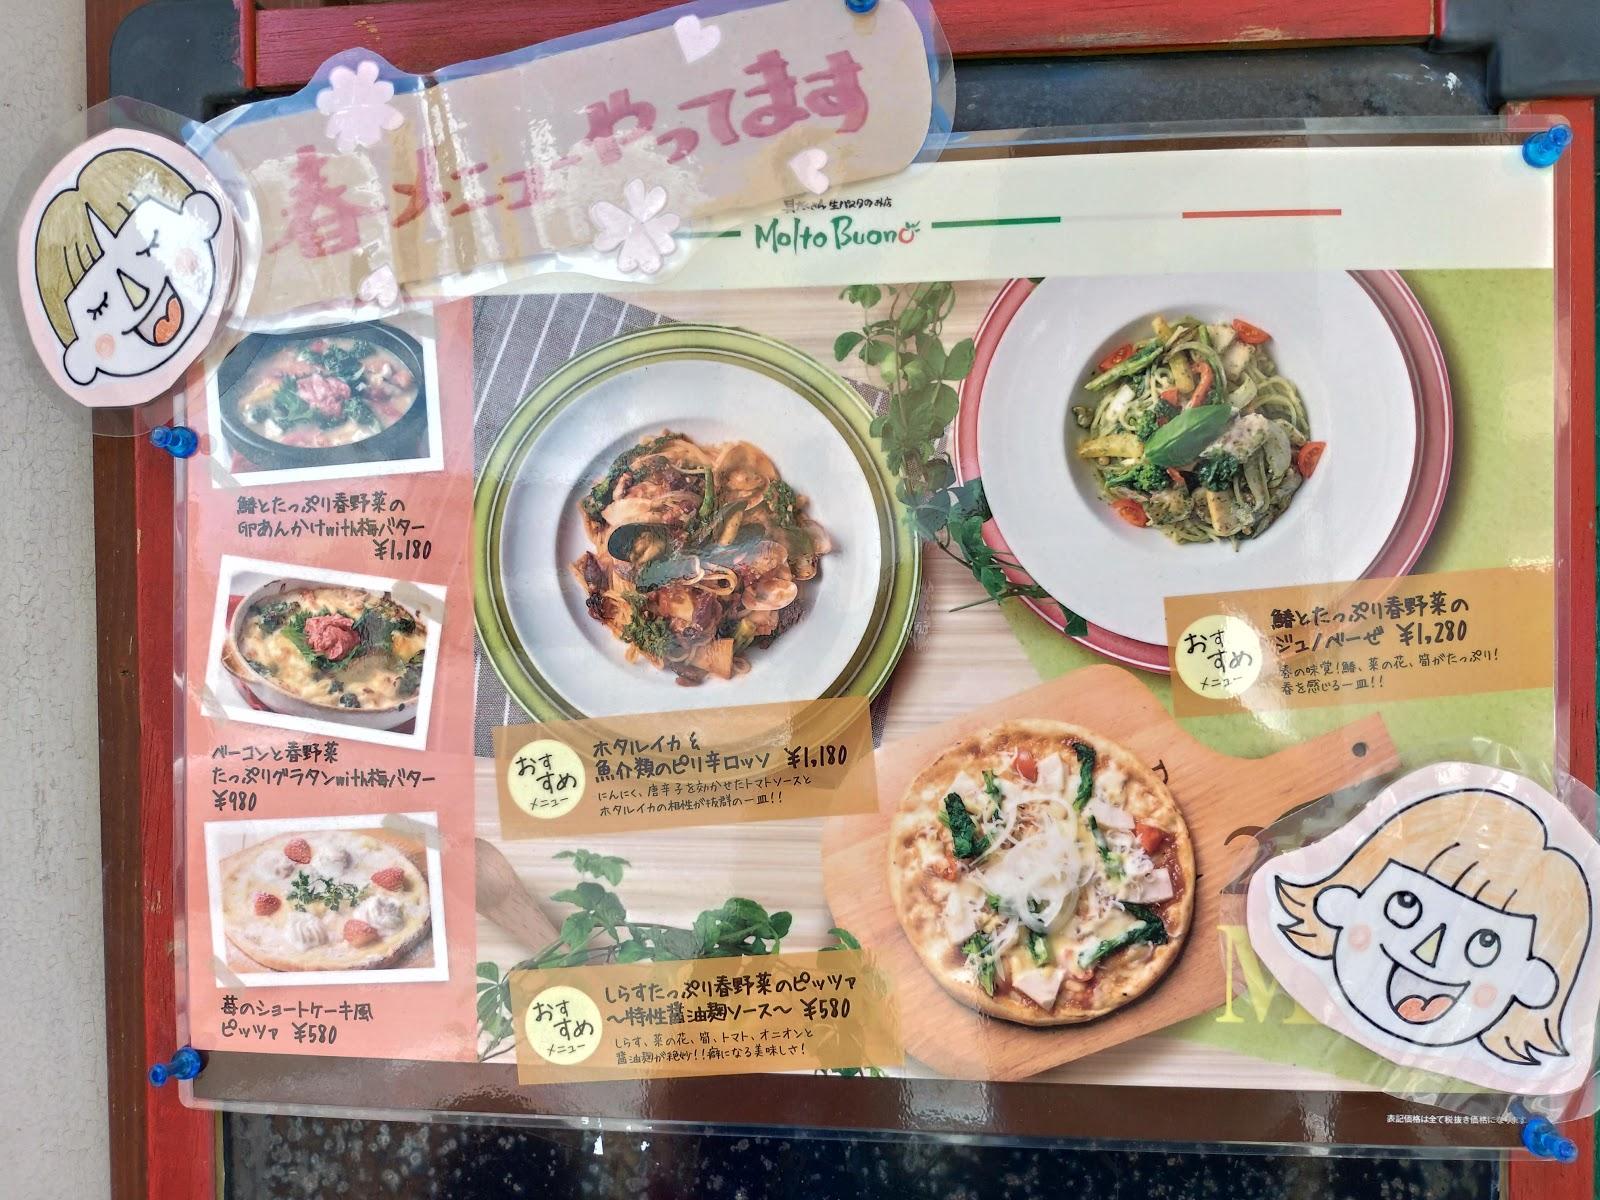 池田市ランチおすすめイタリアンモルトボーノ店内